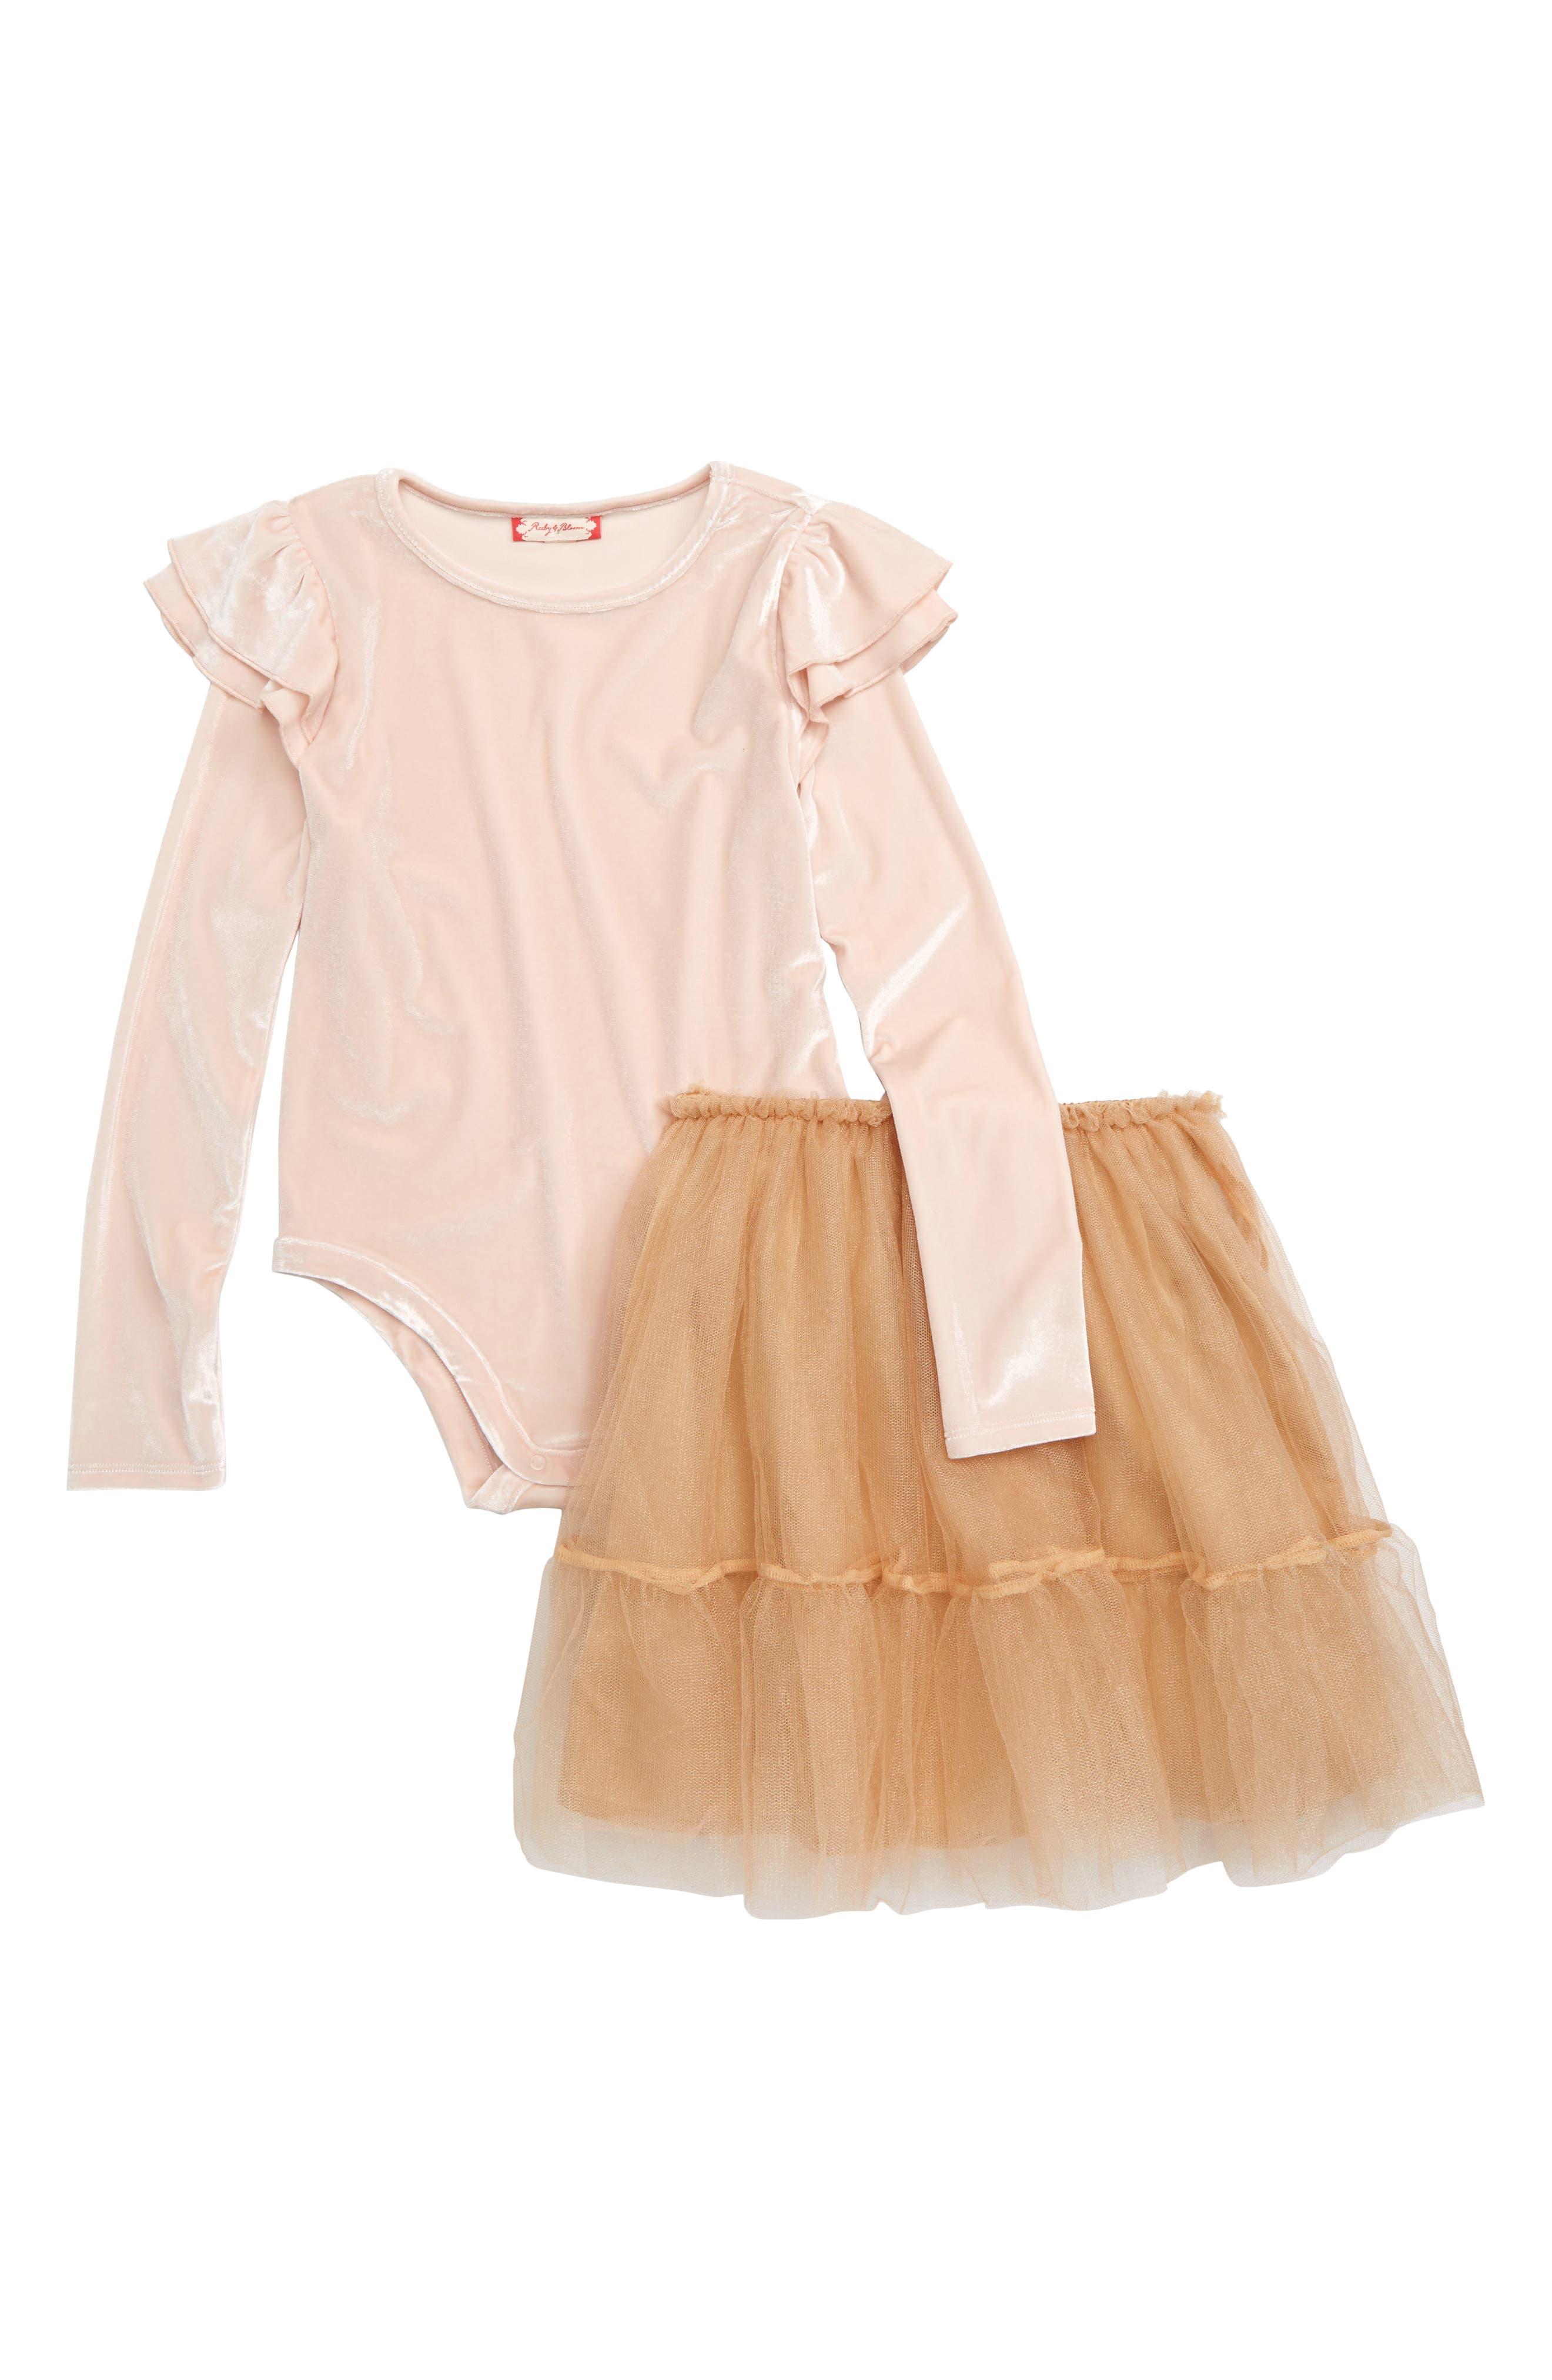 Ballerina Velvet Bodysuit & Tulle Skirt Set, Main, color, PINK WOOD- GOLD